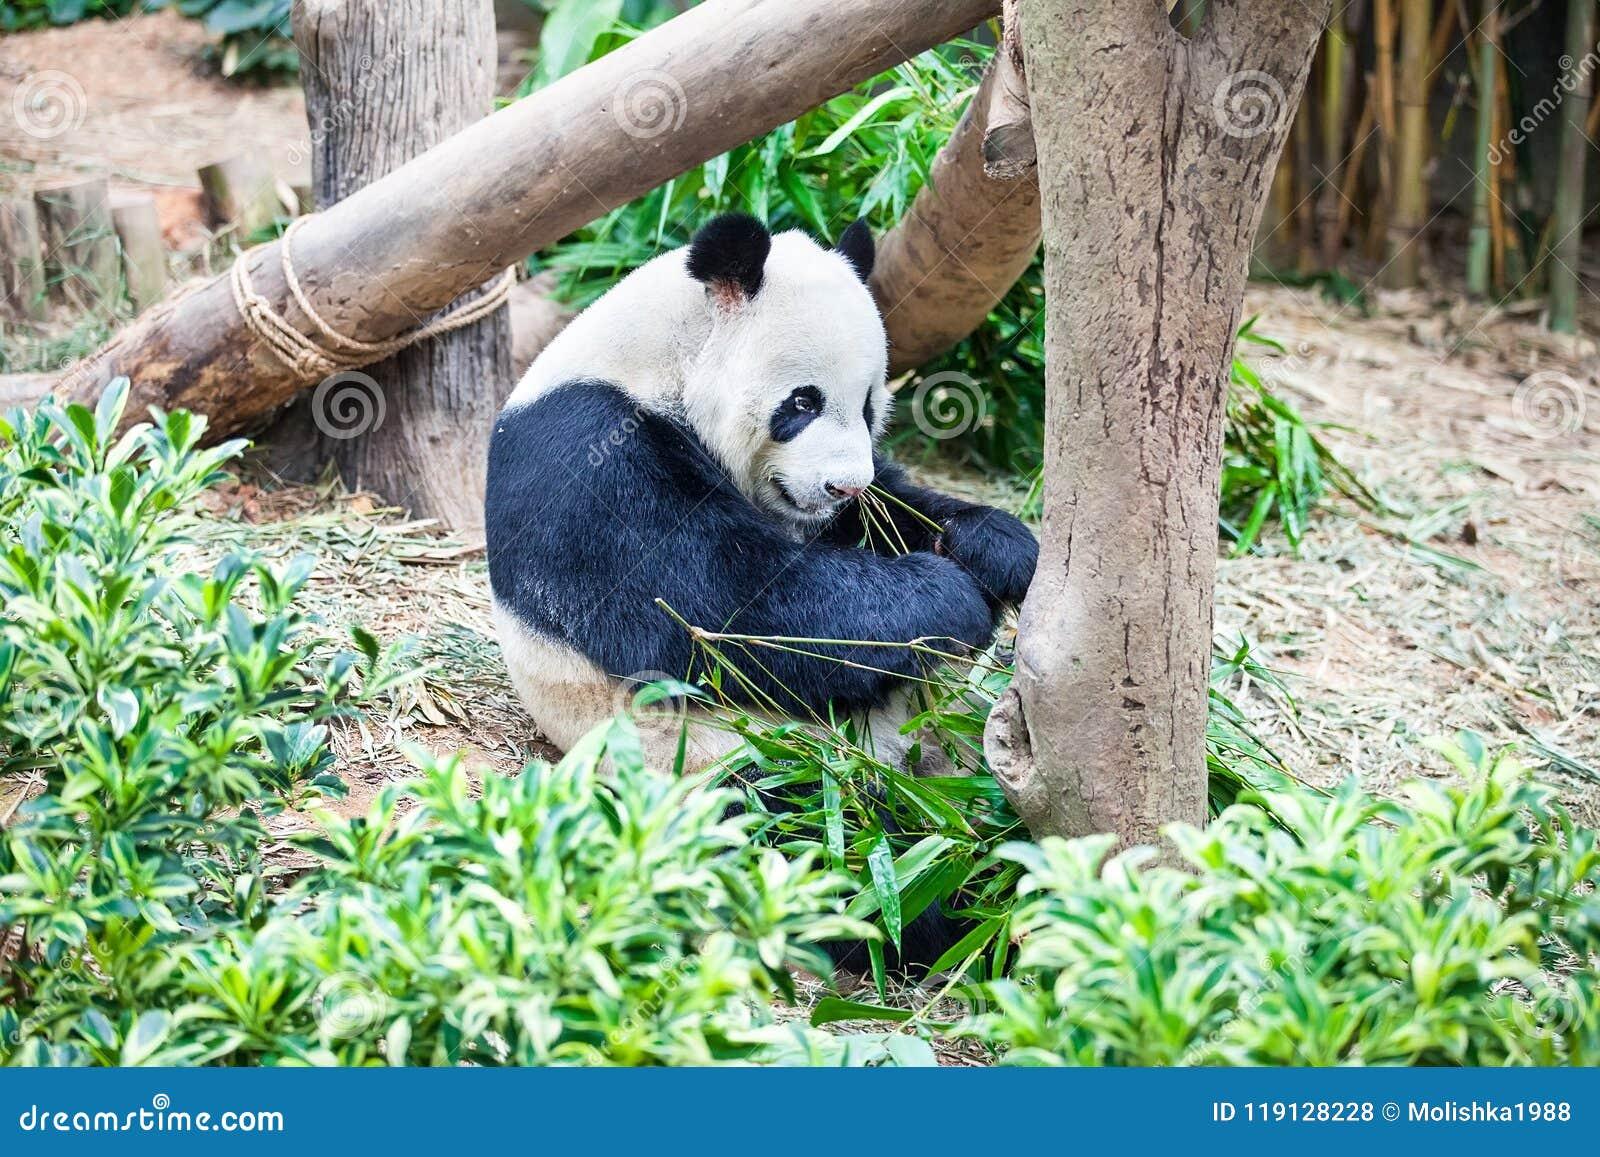 De reuze panda eet groen bamboeblad